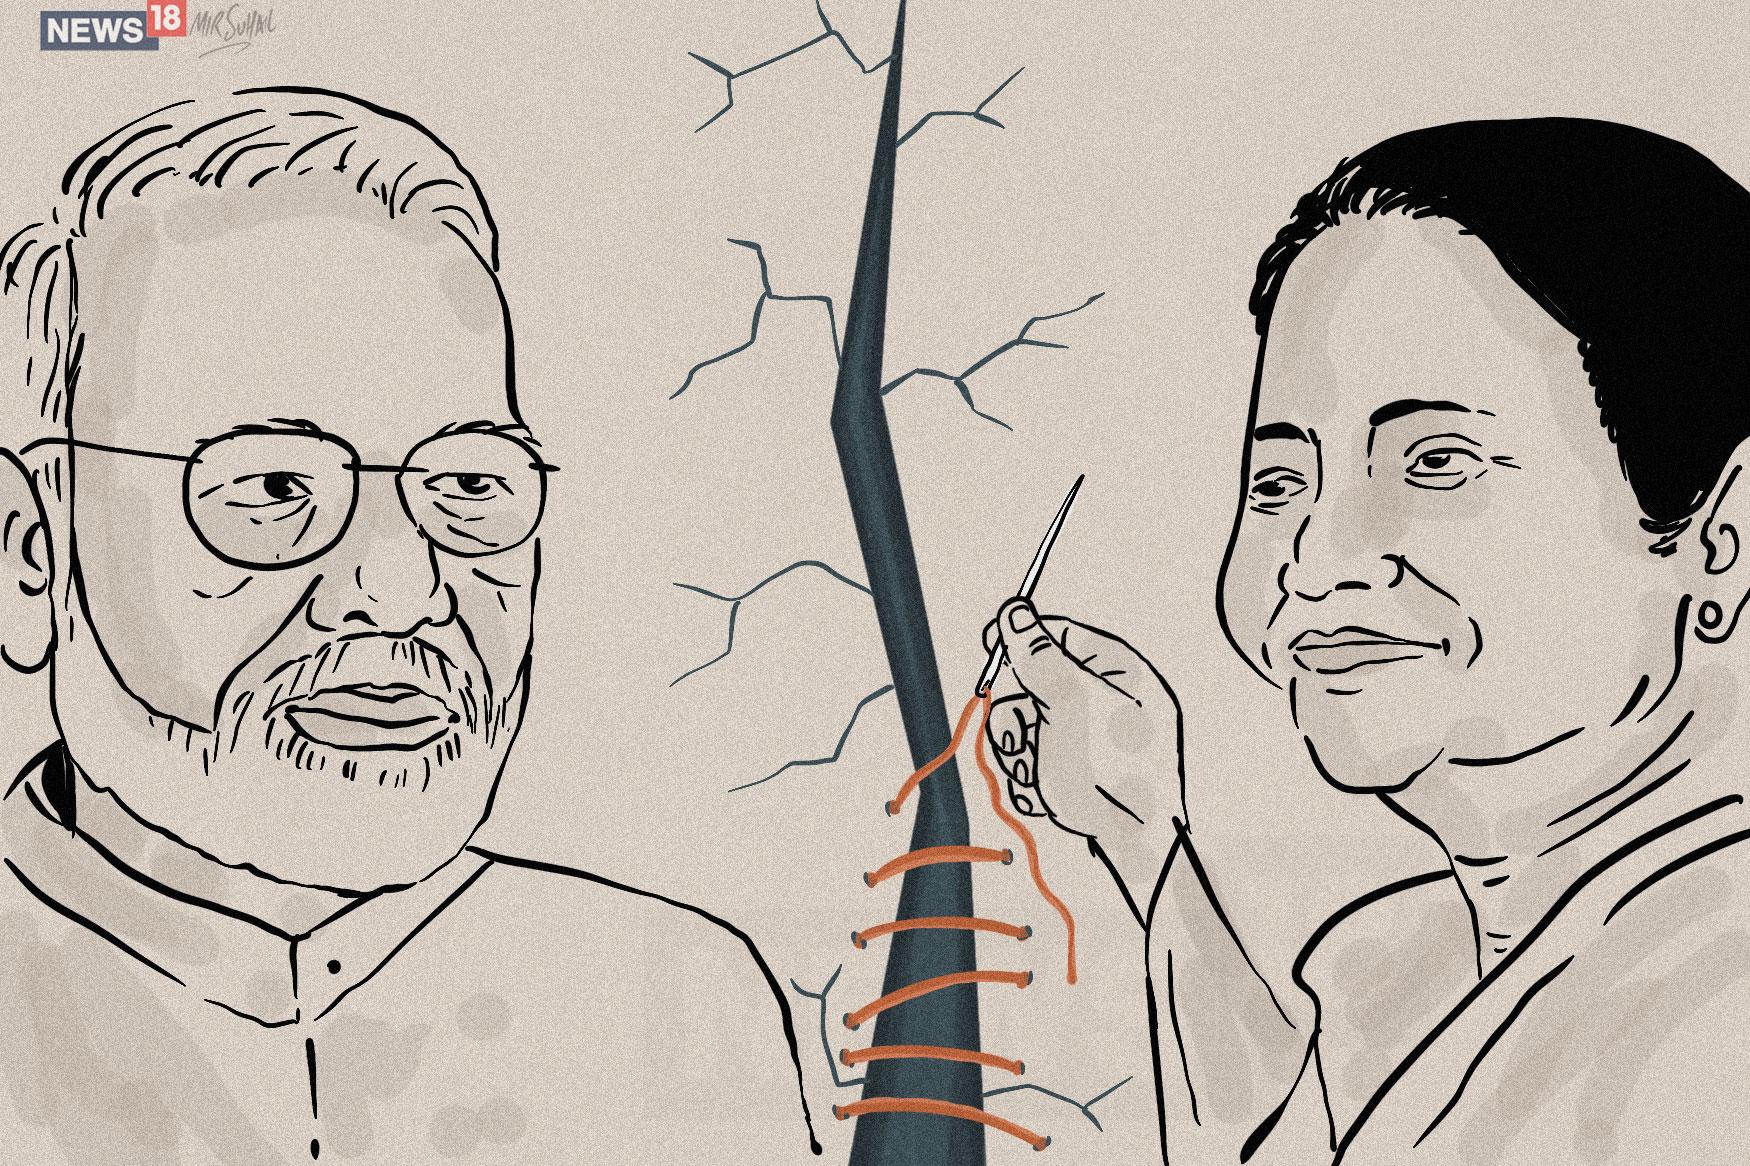 Mumta-meet-Modi-Cartoon